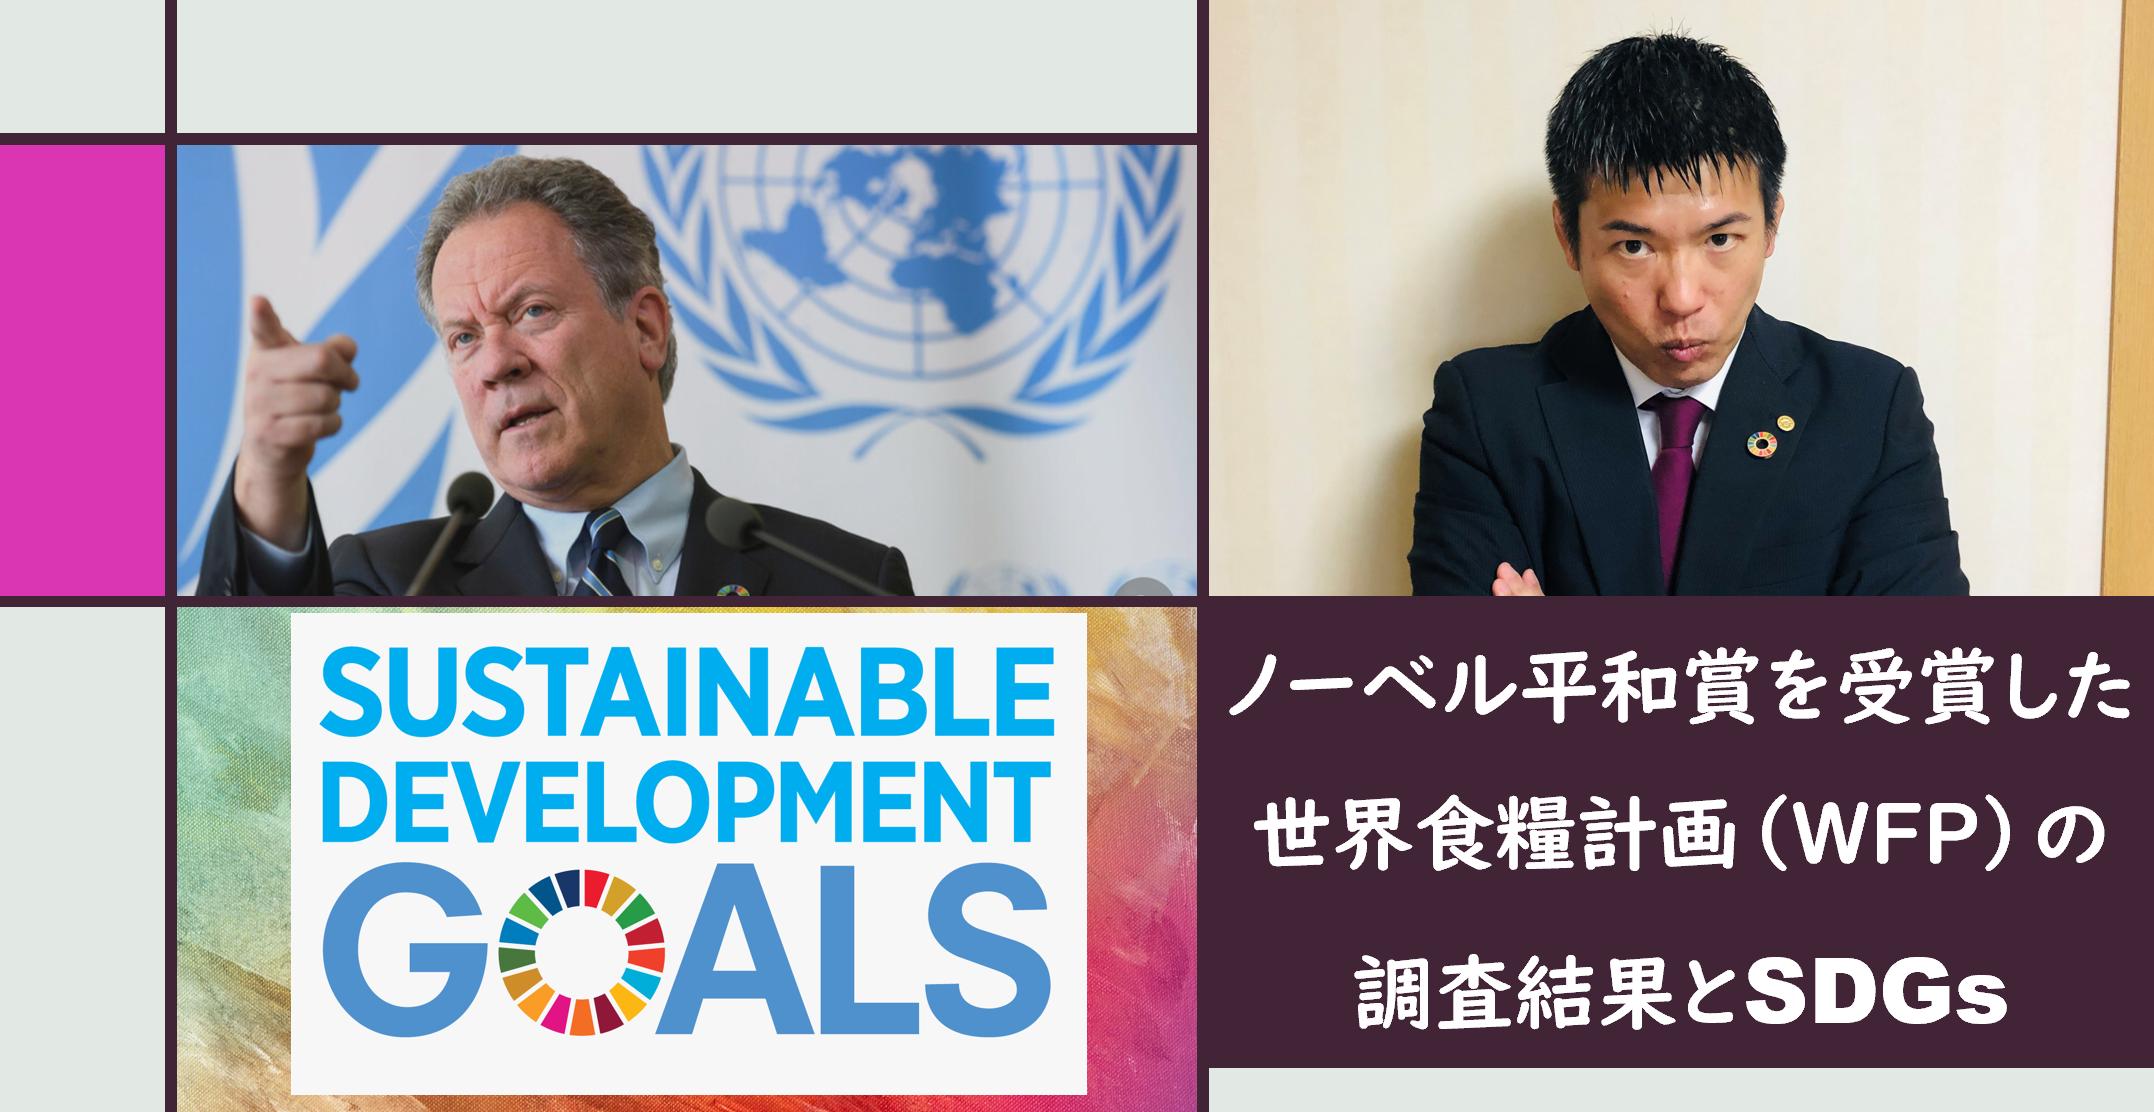 サムネ 世界食糧計画 ノーベル賞 WFP